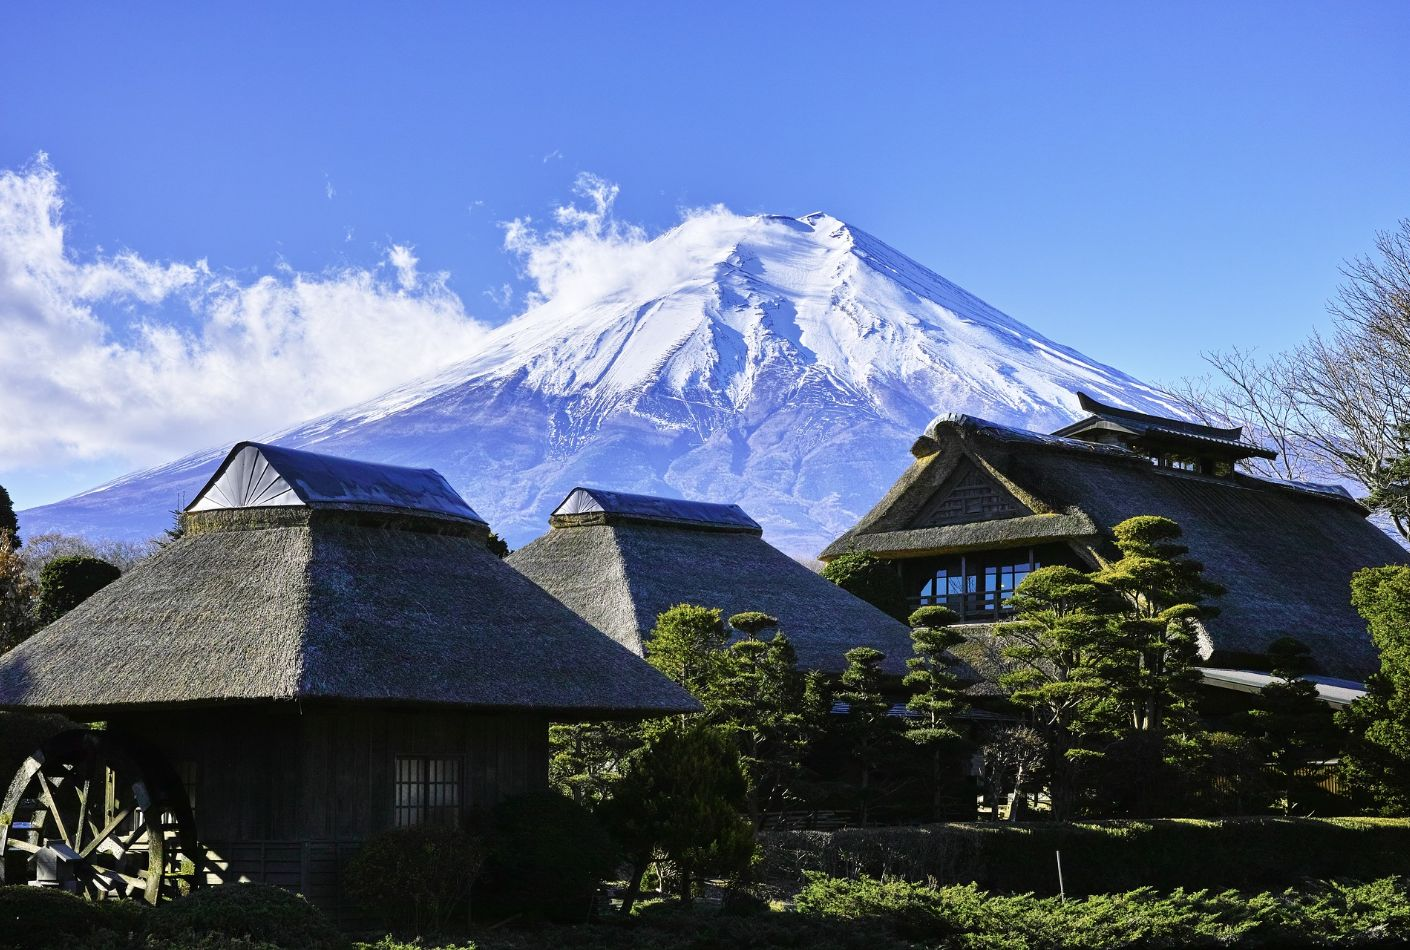 Vista de lejos del Monte Fuji. SuperOferta a Japón.